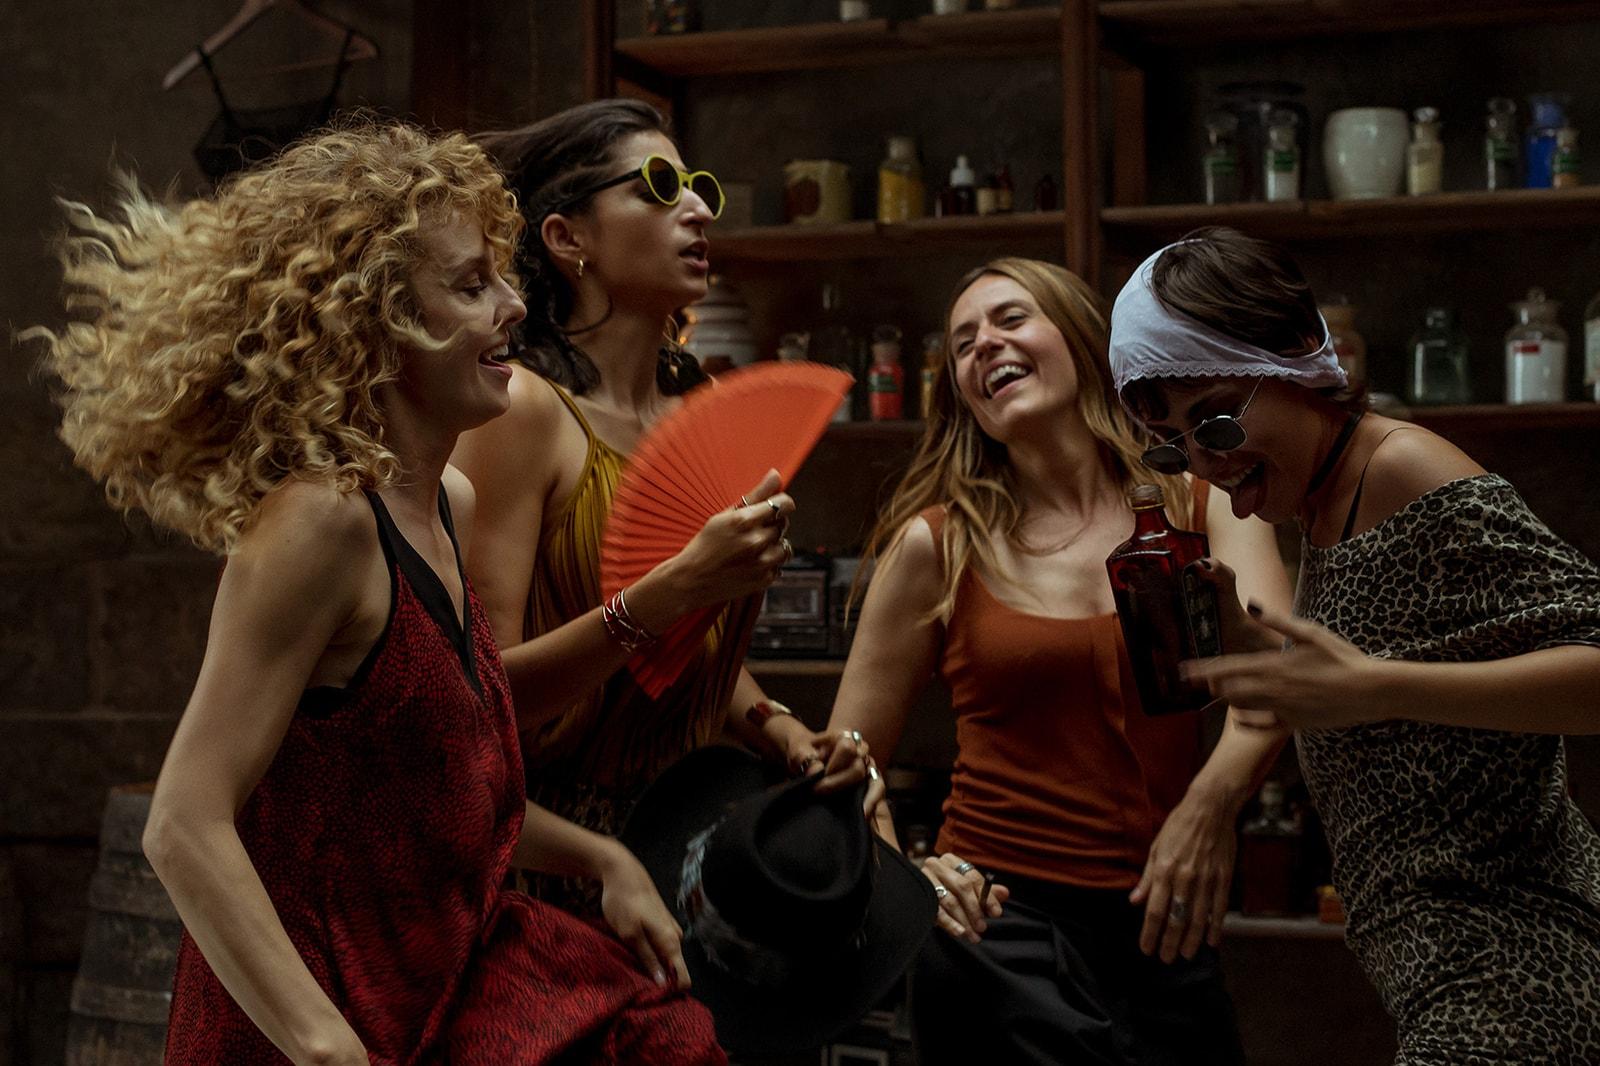 Money Heist La Casa de Papel Netflix Nairobi Mónica Gaztambide Stockholm Tokyo Lisbon Raquel Murillo Ursula Corbero Itziar Ituño Alba Flores Esther Acebo